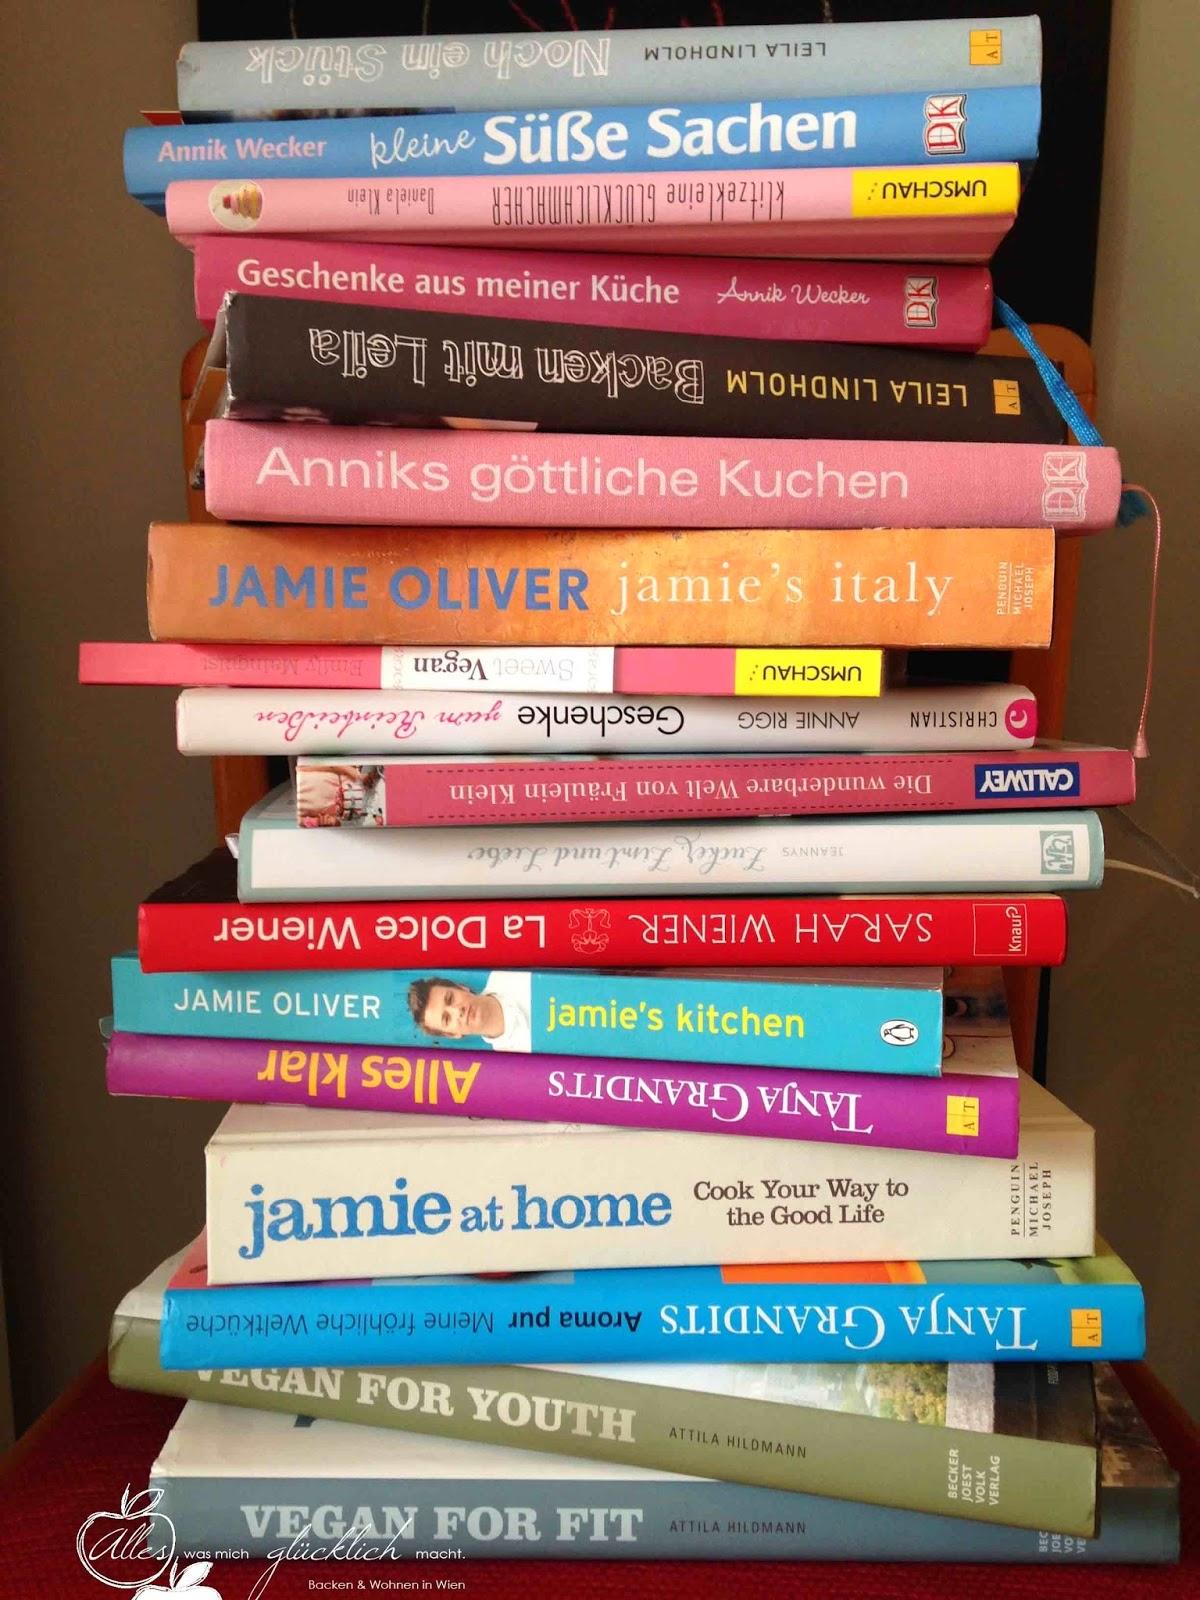 18 Backbücher – 18 Lieblingsrezepte